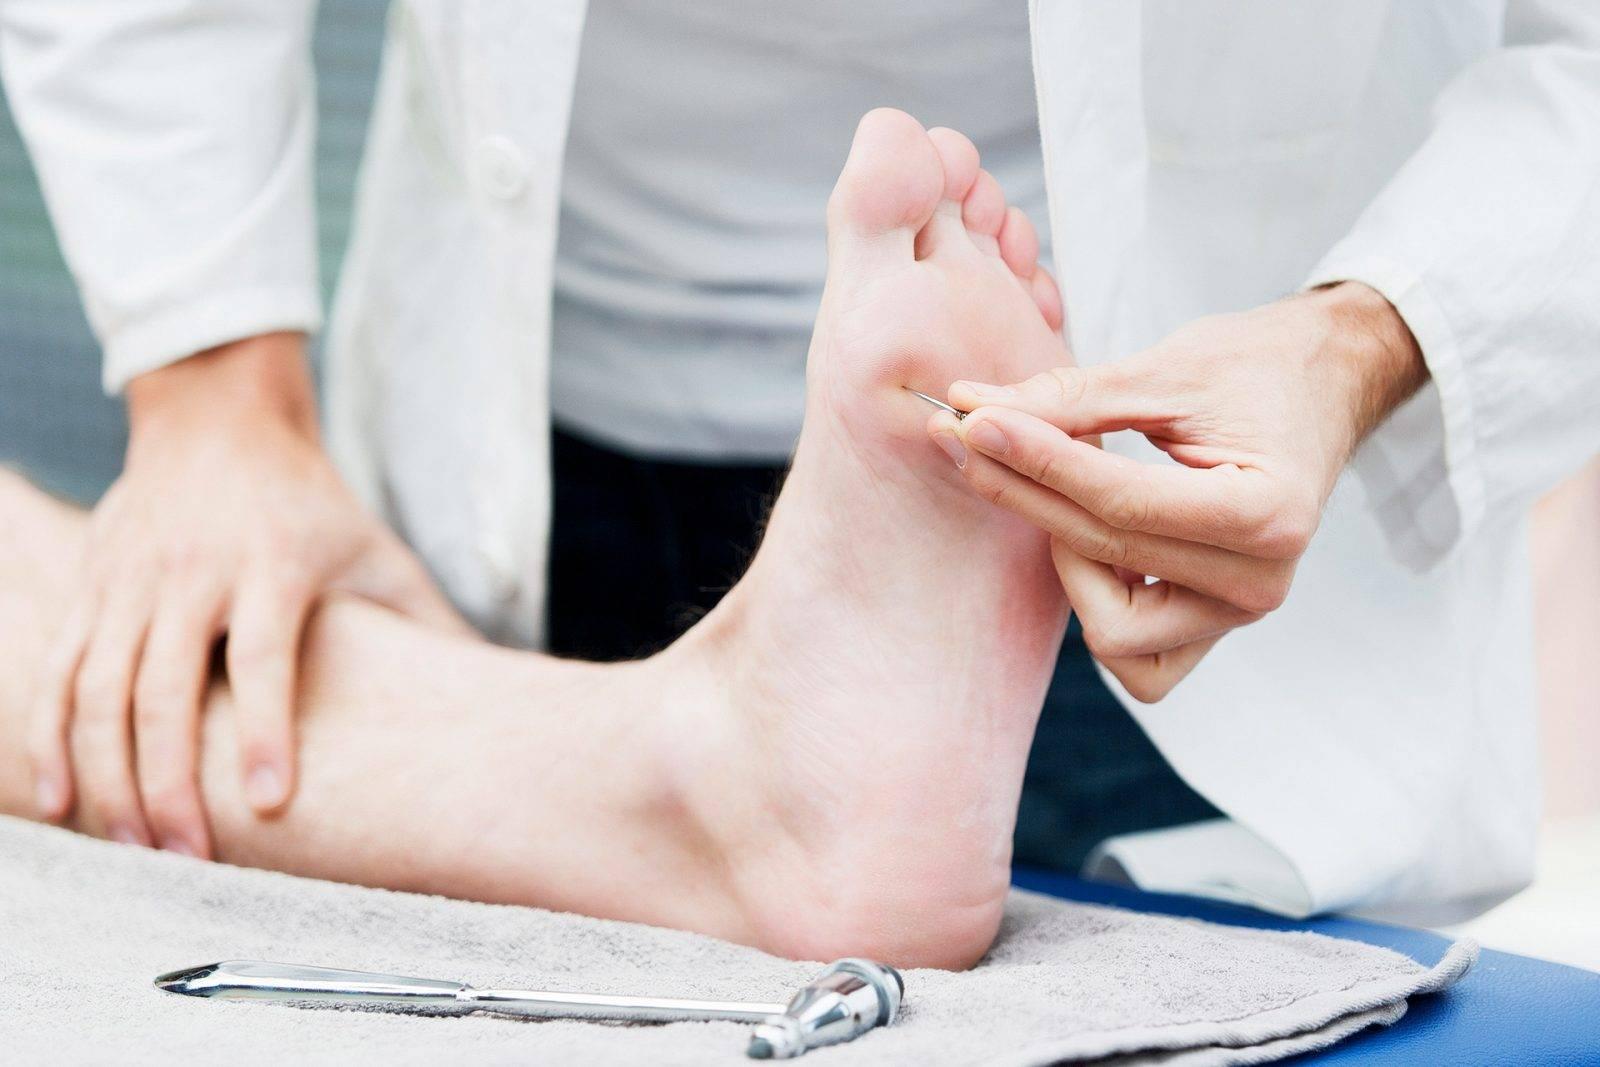 Токсическая полинейропатия нижних конечностей лечение народными средствами - медицинская профилактика